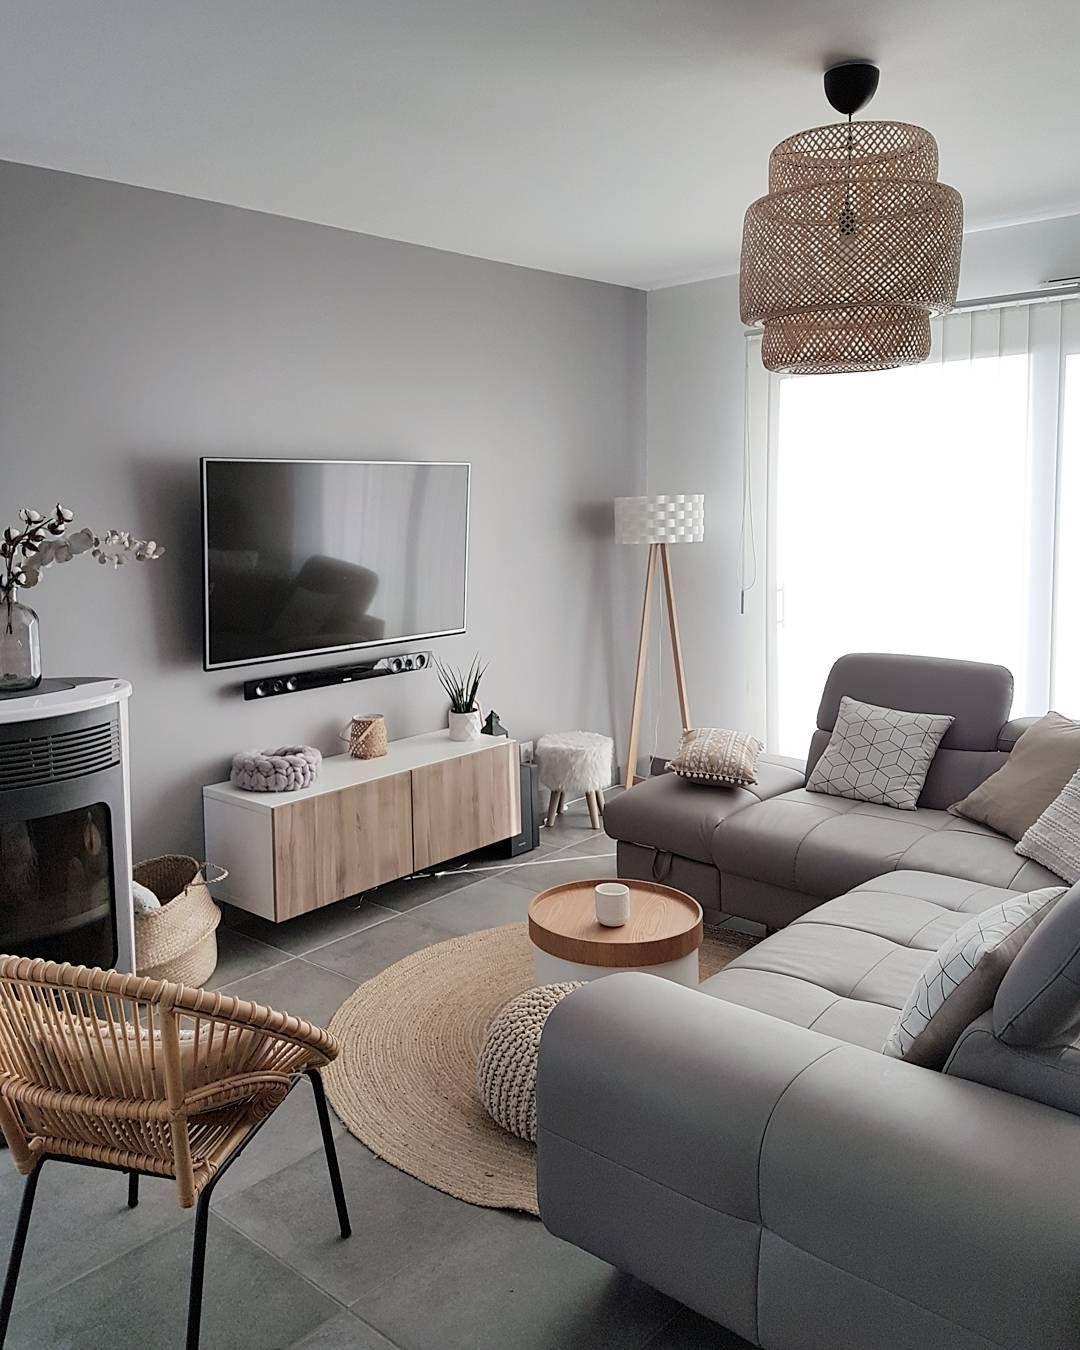 أفضل ديكورات غرف معيشة بسيطة وجميلة 2020 غرف معيشة مودرن